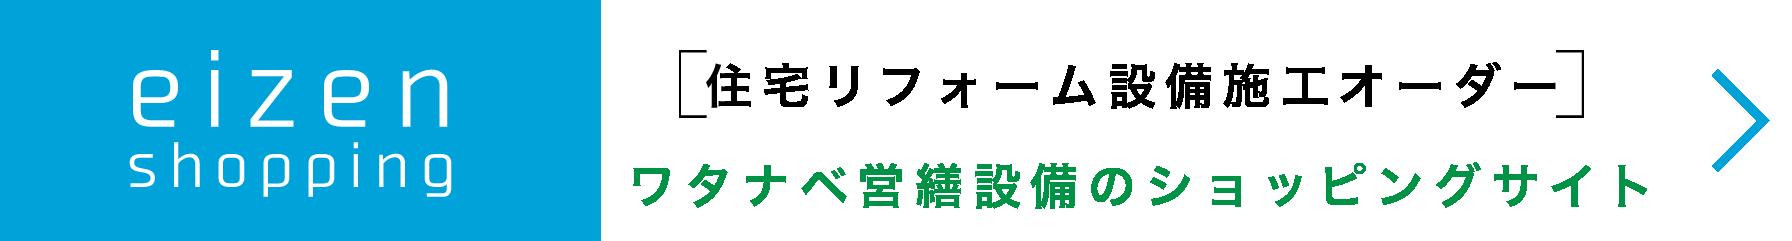 ワタナベ営繕設備のショッピングサイト